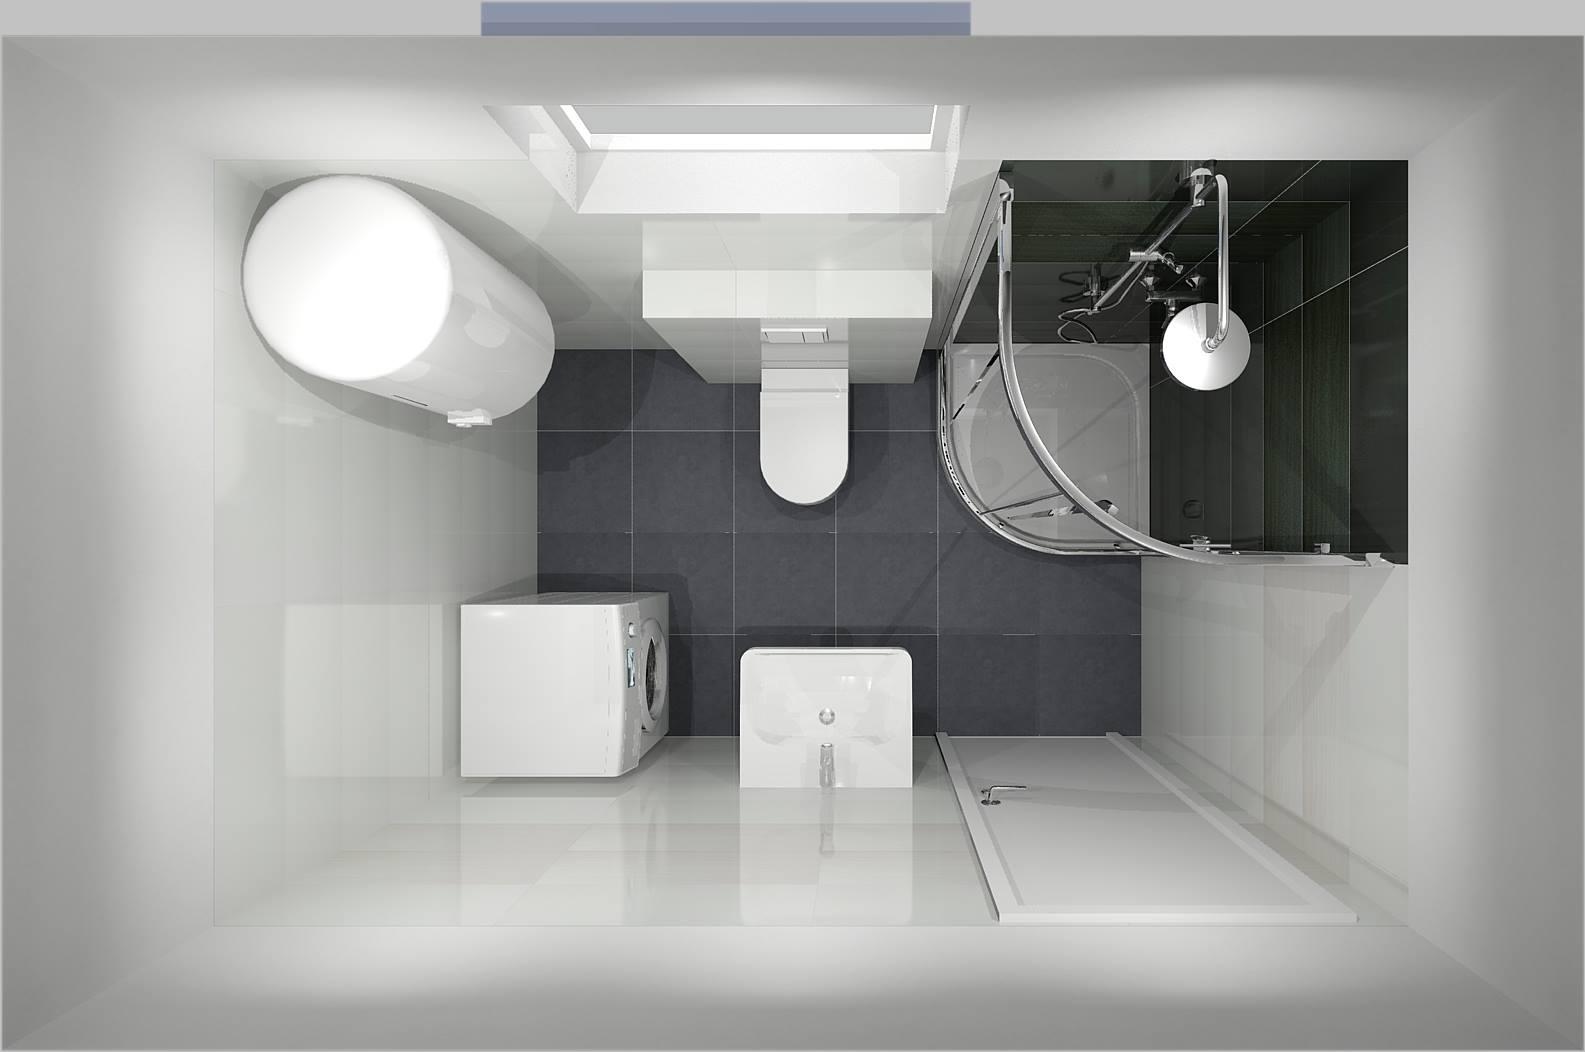 Návrhy koupelny a kuchyně - Obrázek č. 7